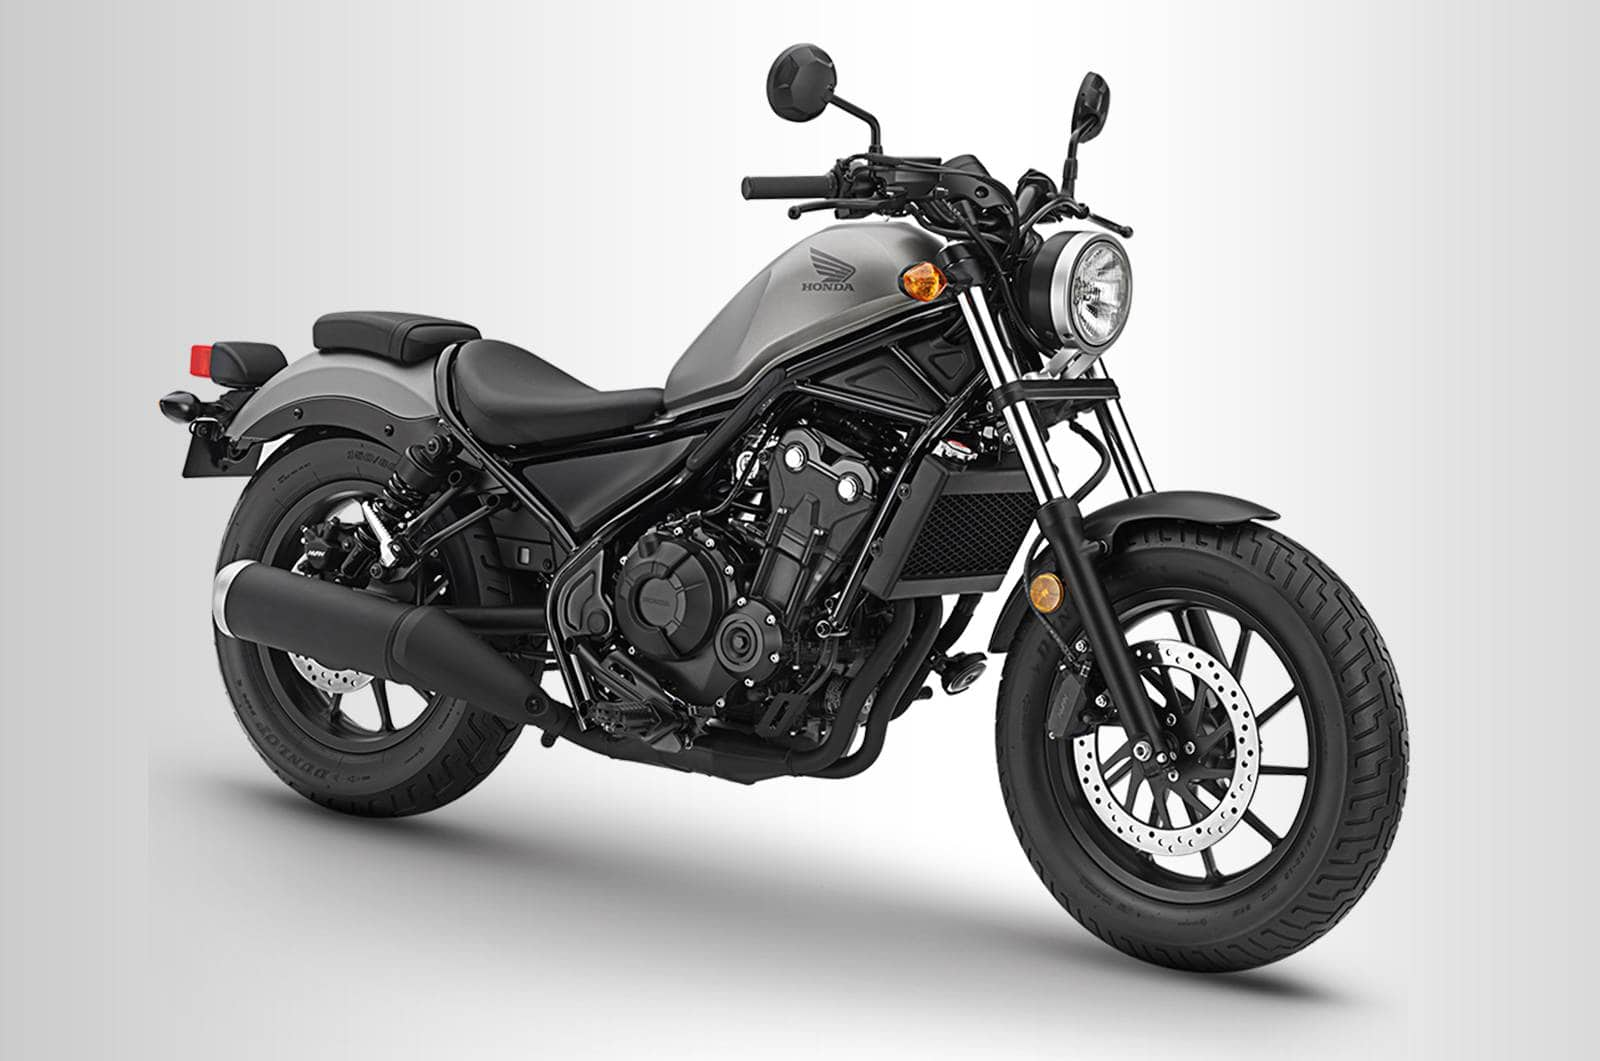 Motortrade Philippine S Best Motorcycle Dealer Honda Bigbike Rebel 500